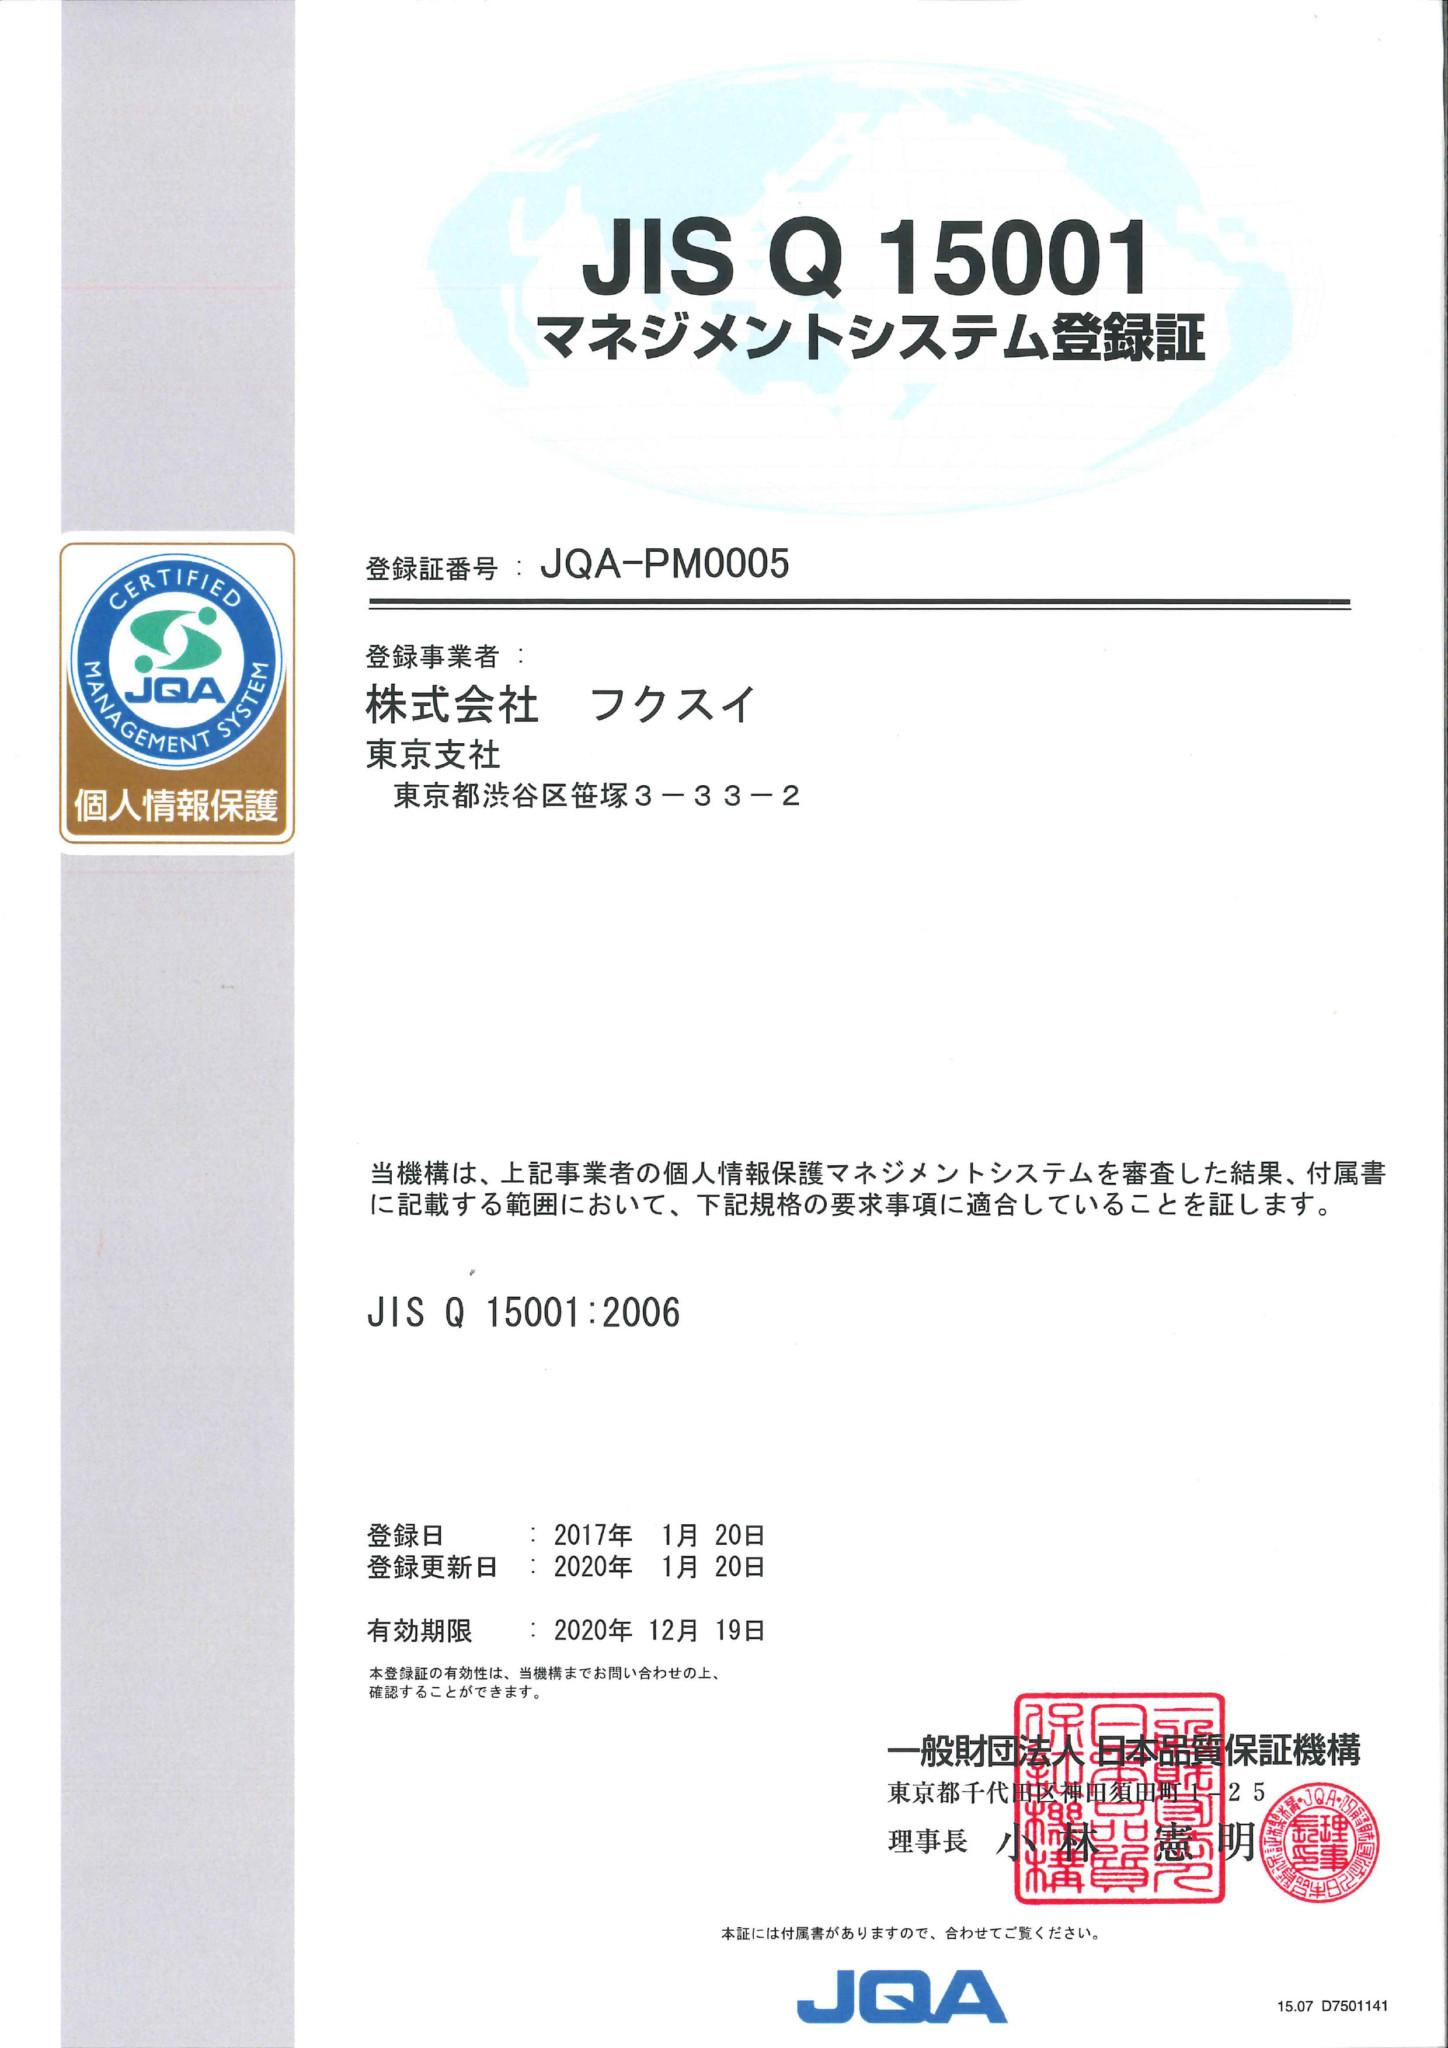 JISQ15001-JQA-PM0005